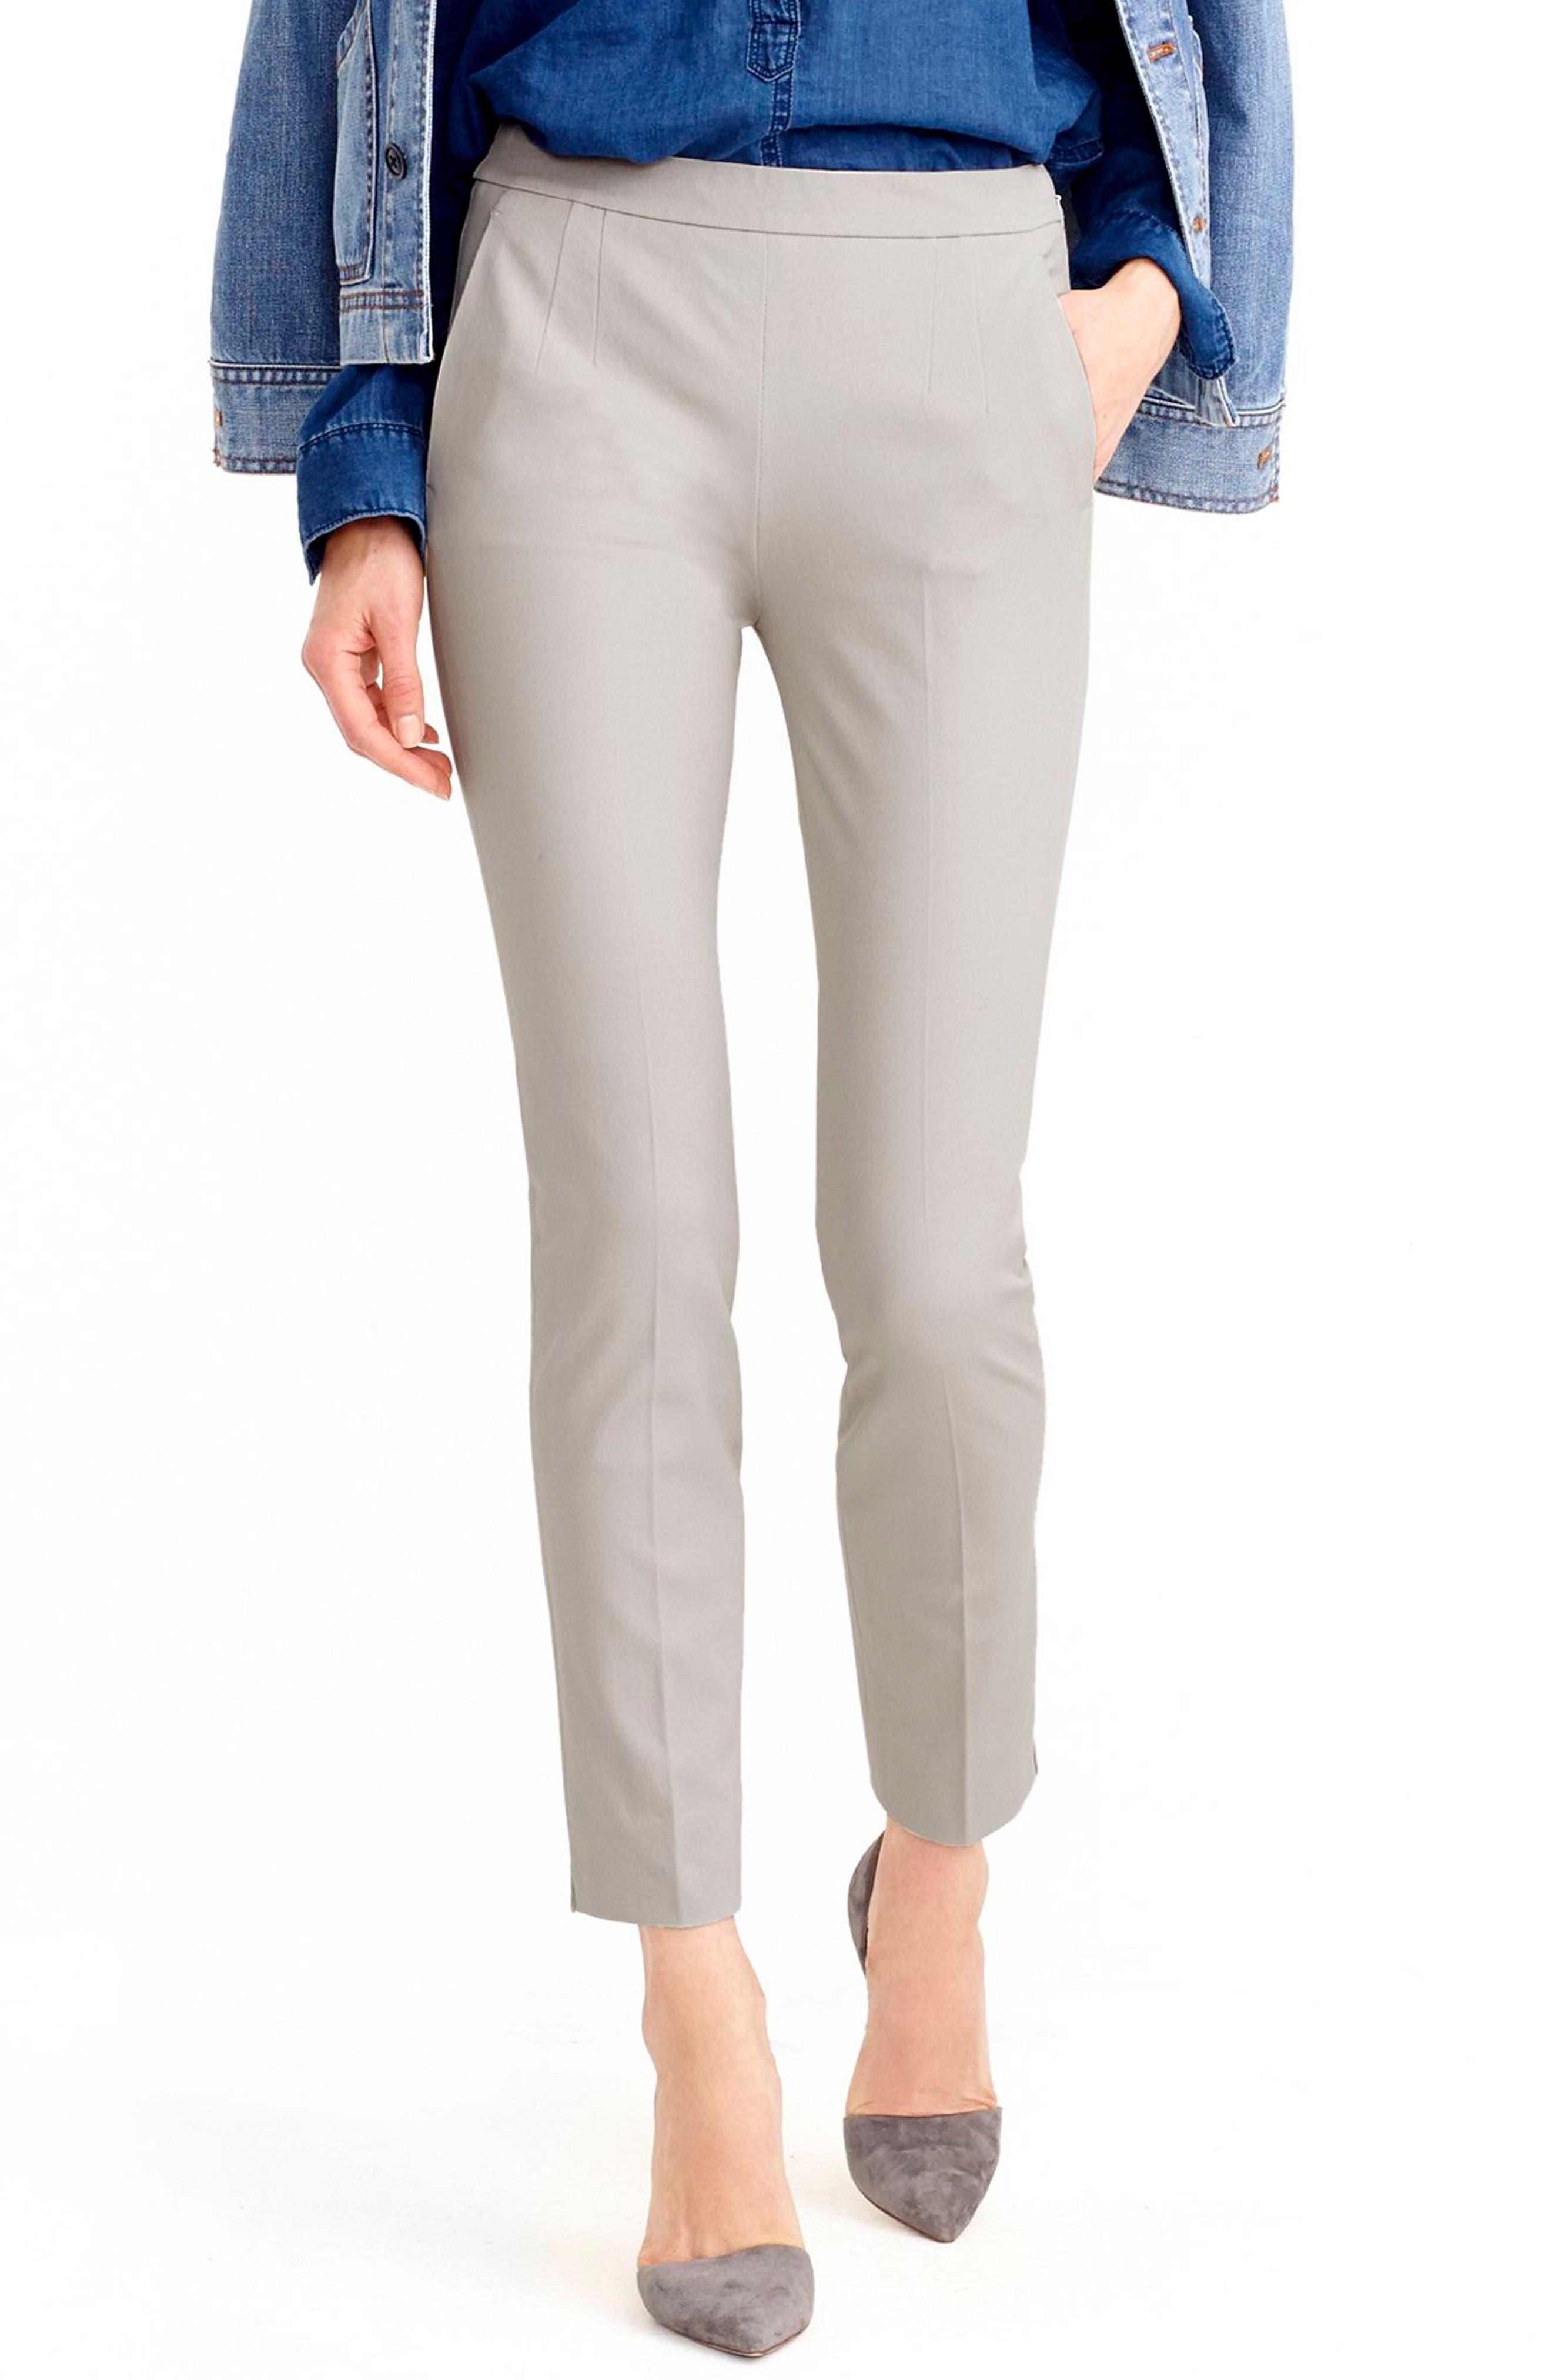 J.Crew 'Martie' Bi-Stretch Cotton Blend Pants,                         Main,                         color, Cloud Grey